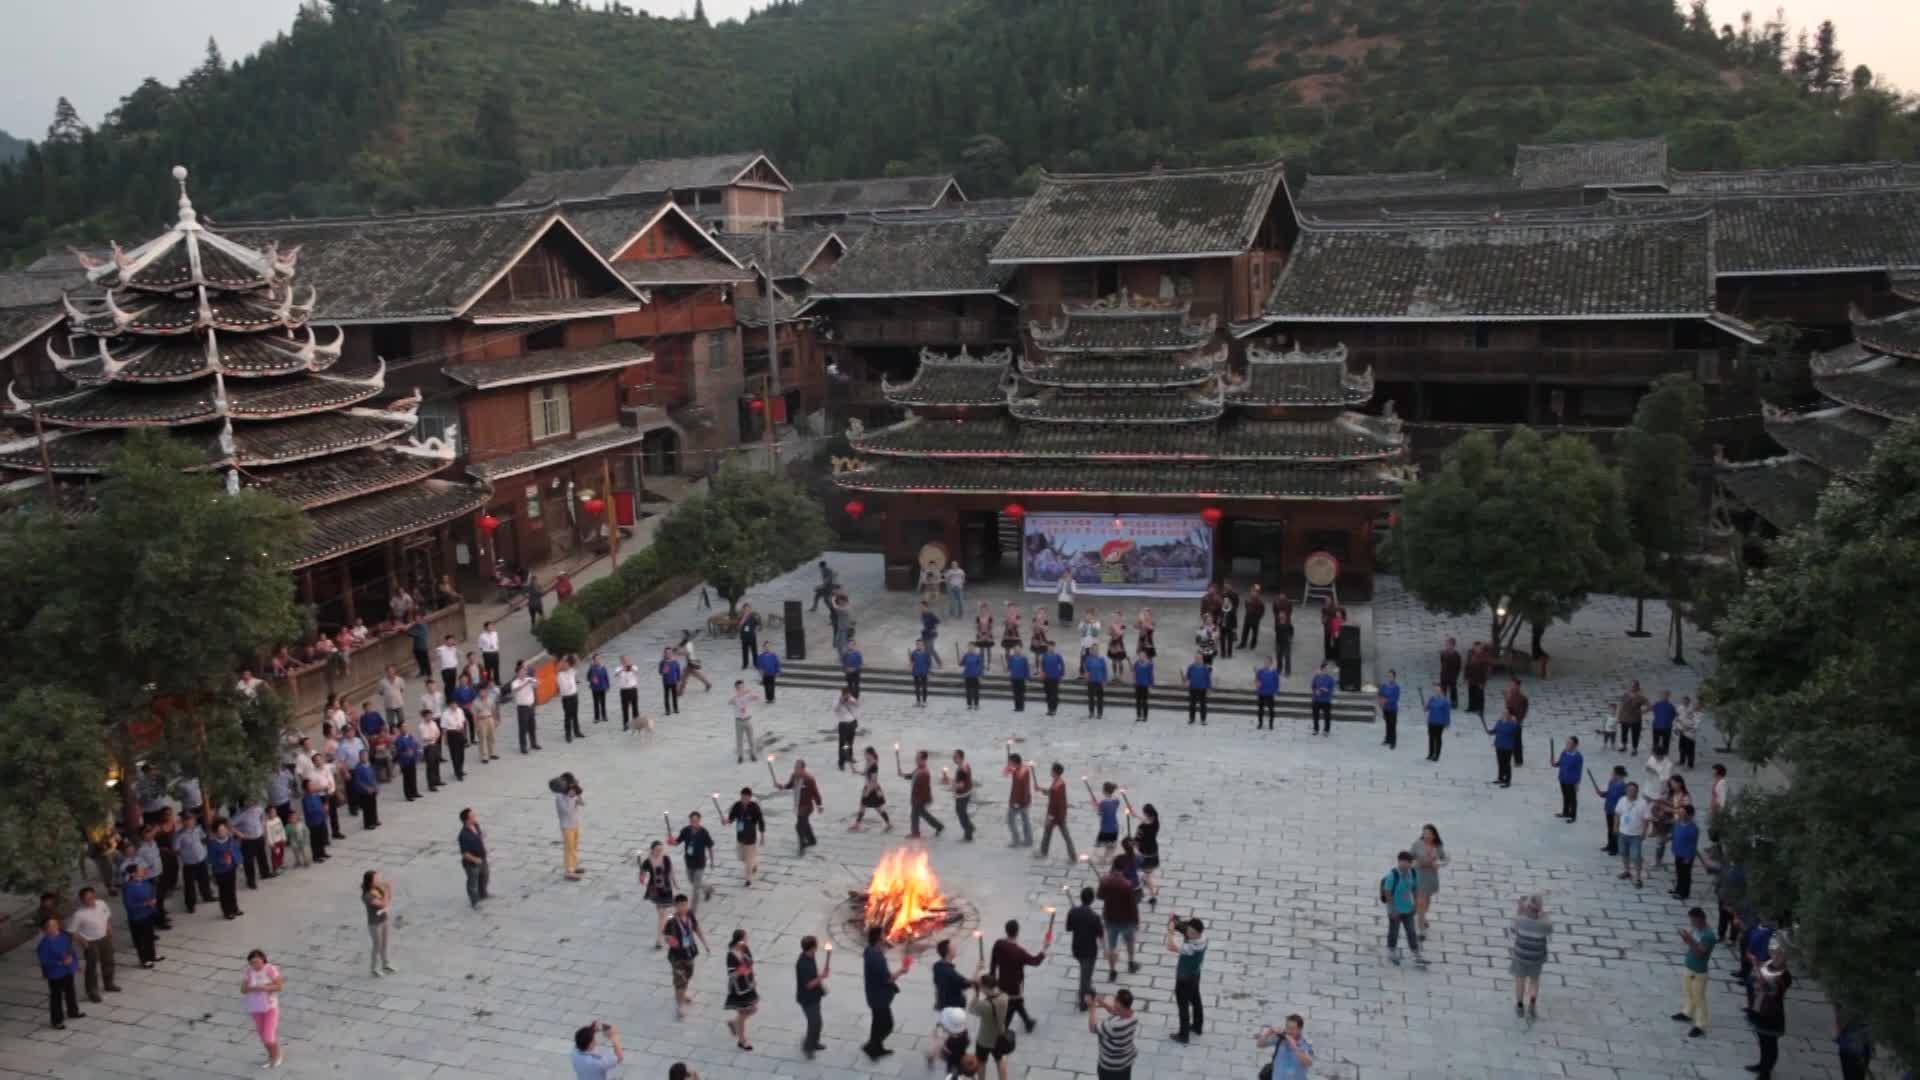 【赶集湖南】侗寨风情:篝火晚会